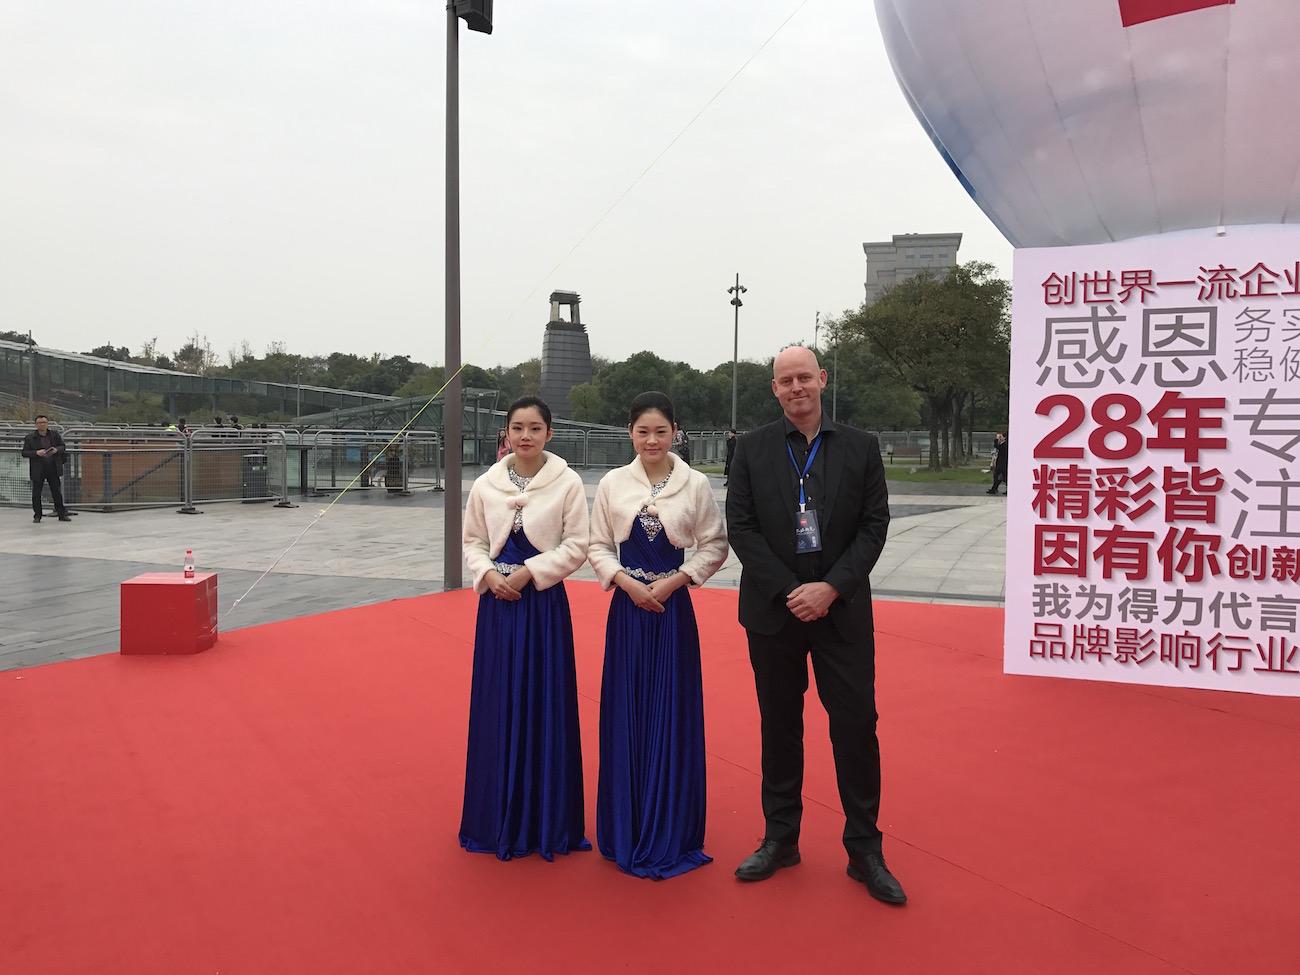 Chinesische Dating-Agentur